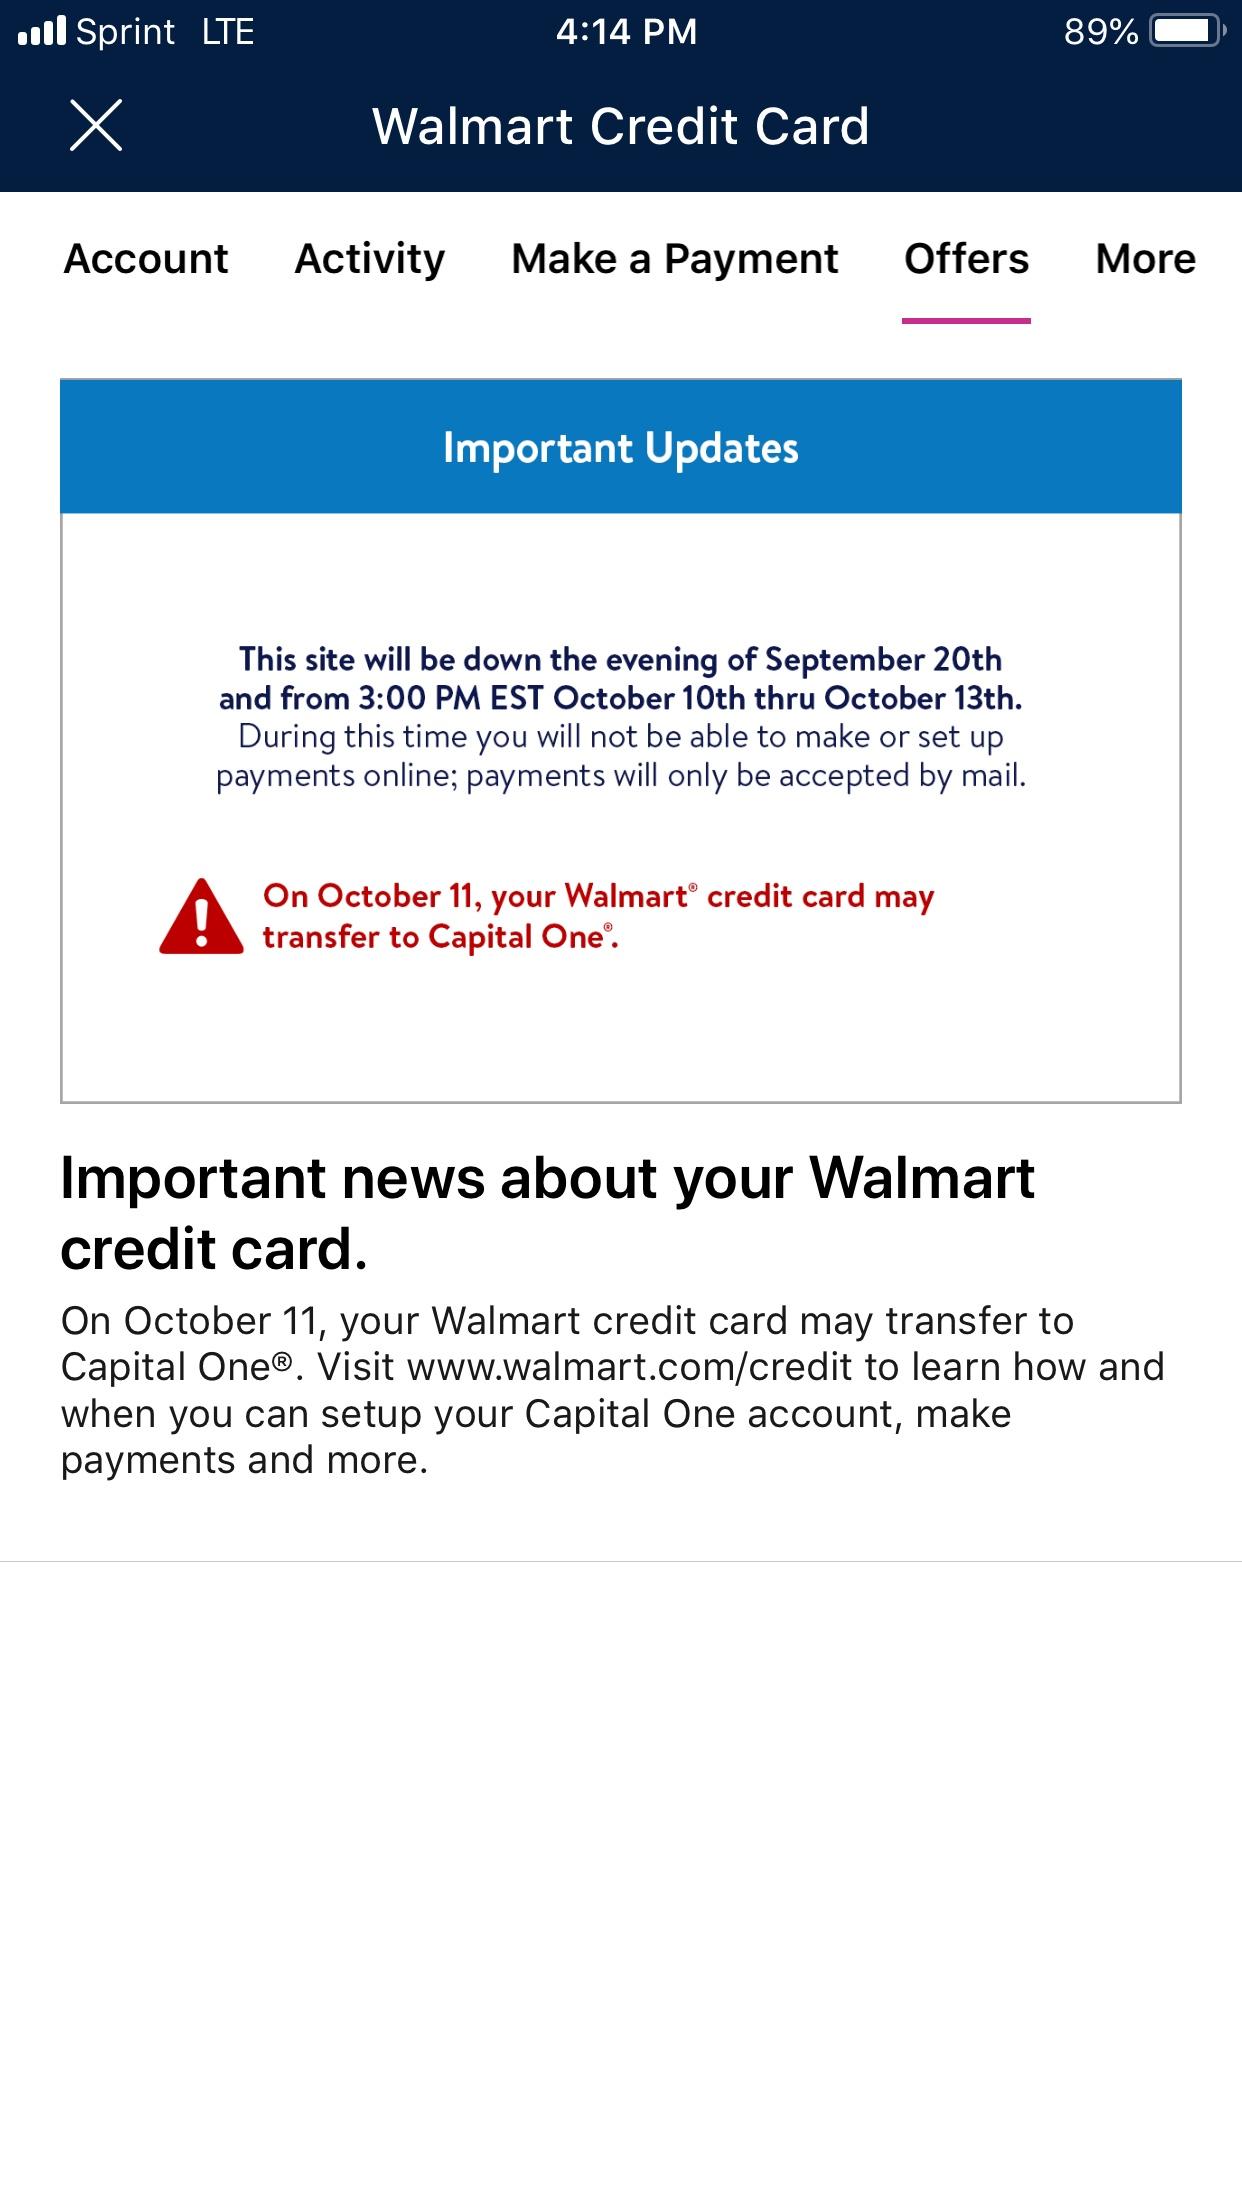 check application for capital one credit card скачать песню займёмся любовью бесплатно